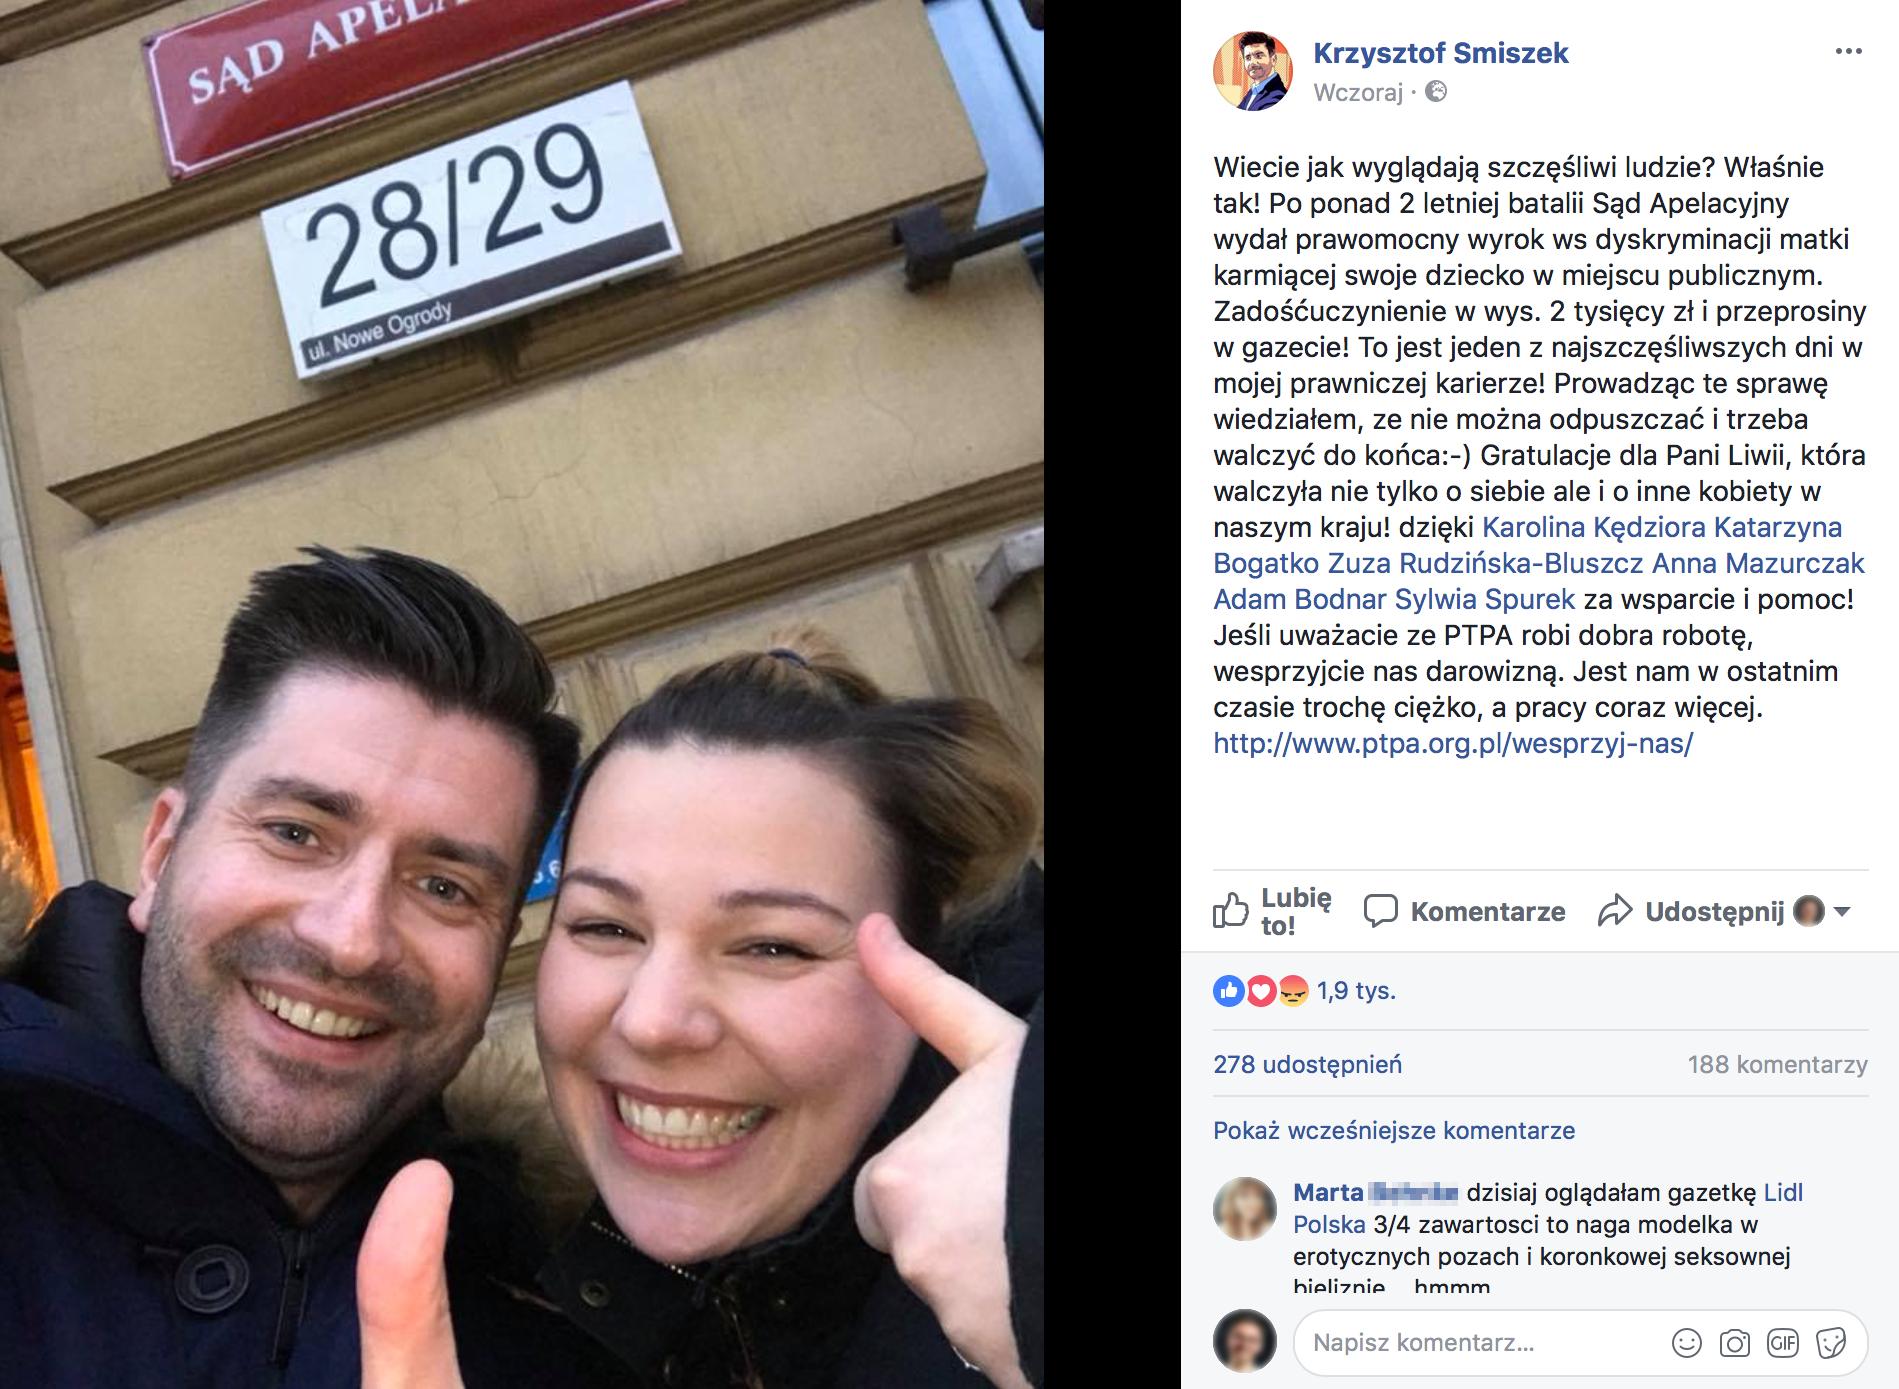 Krzysztof Smiszek Facebook